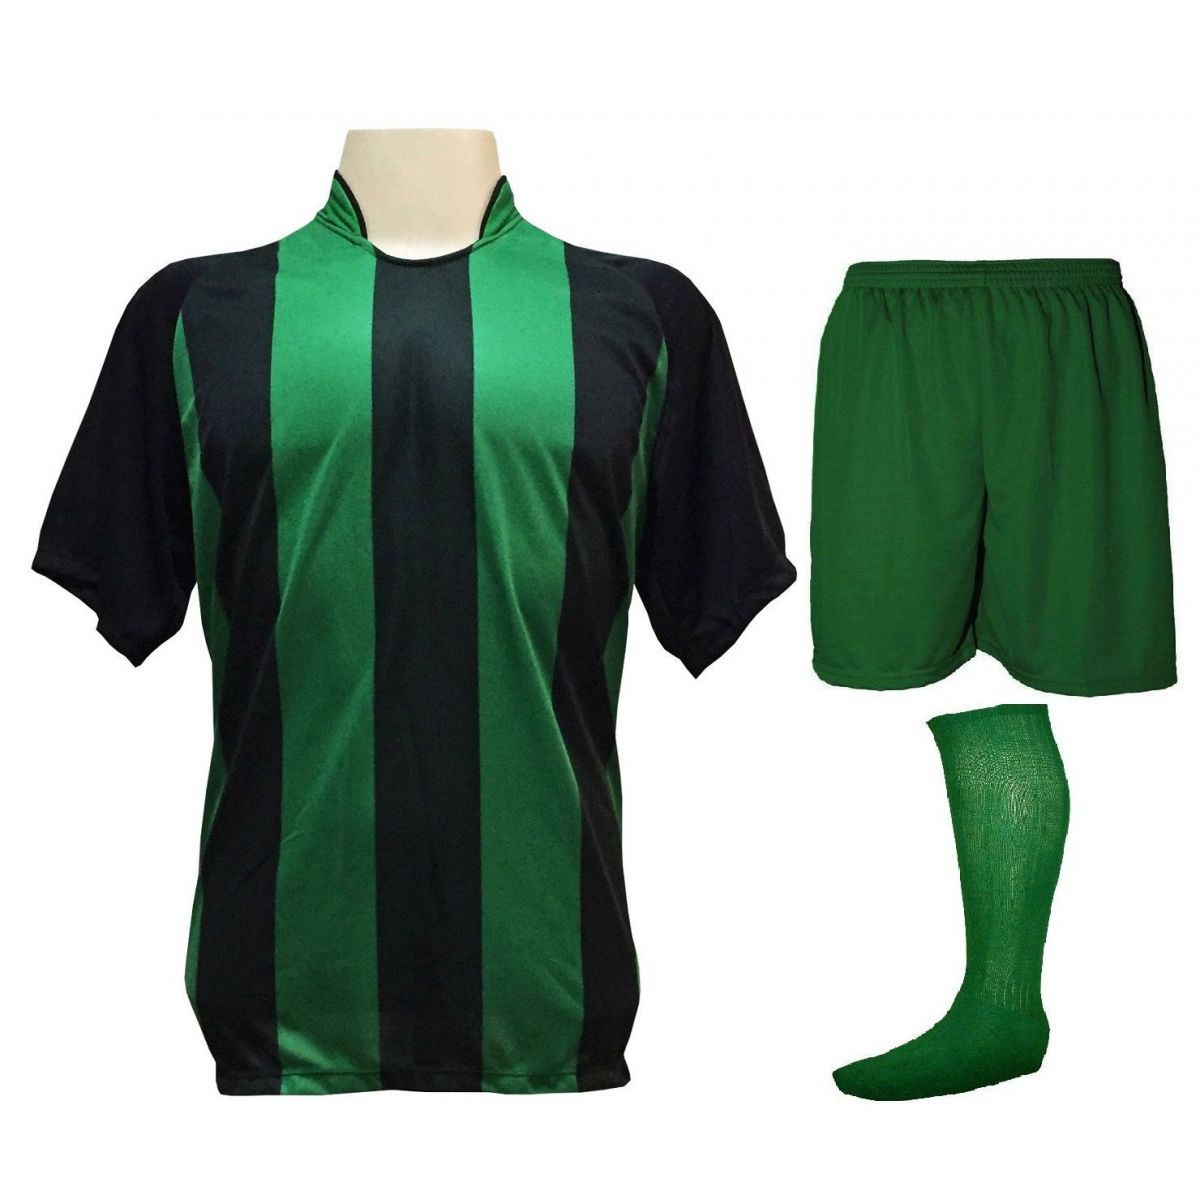 Fardamento Completo modelo Milan 20+2 (20 camisas Preto/Verde + 20 calções modelo Madrid Verde + 20 pares de meiões Verde + 2 conjuntos de goleiro) + Brindes